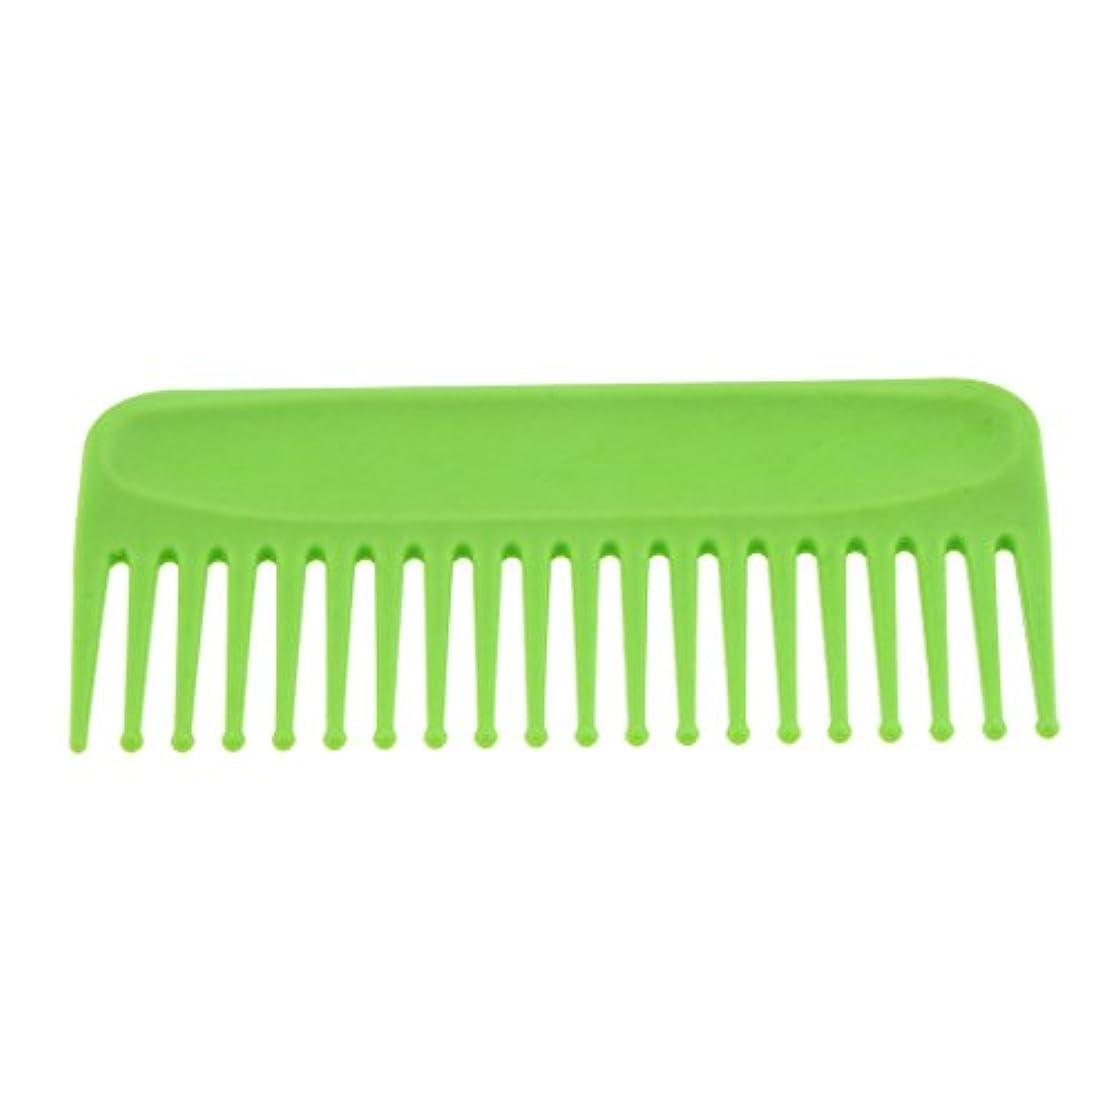 粘り強い提案スーダンヘアブラシ ヘアコーム コーム 櫛 くし サロン ヘアケア 耐熱性 帯電防止 頭皮 マッサージ 丸いヘッド 4色選べる - 緑